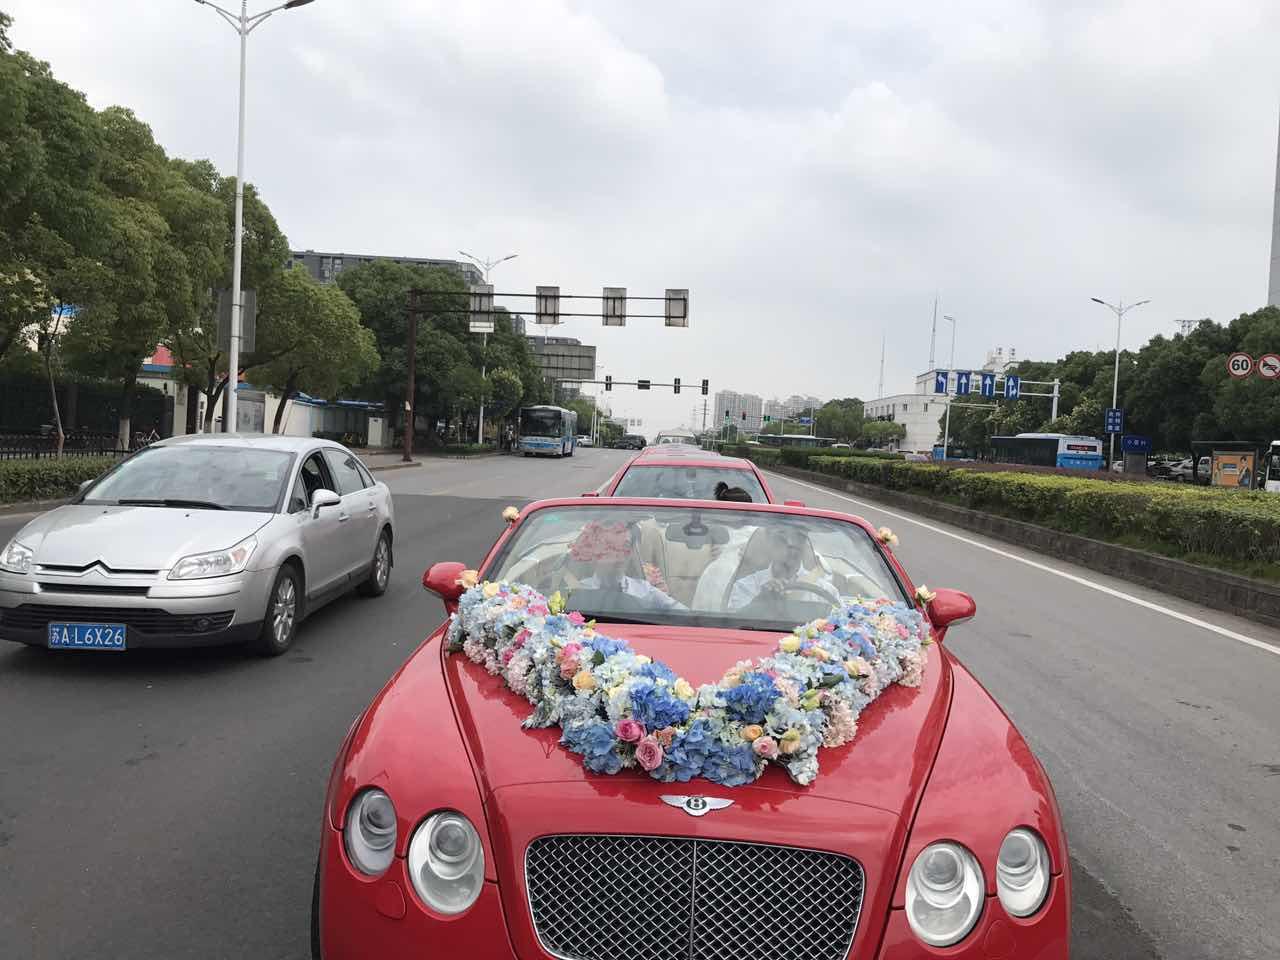 红色宾利飞驰+5台红色宝马五系